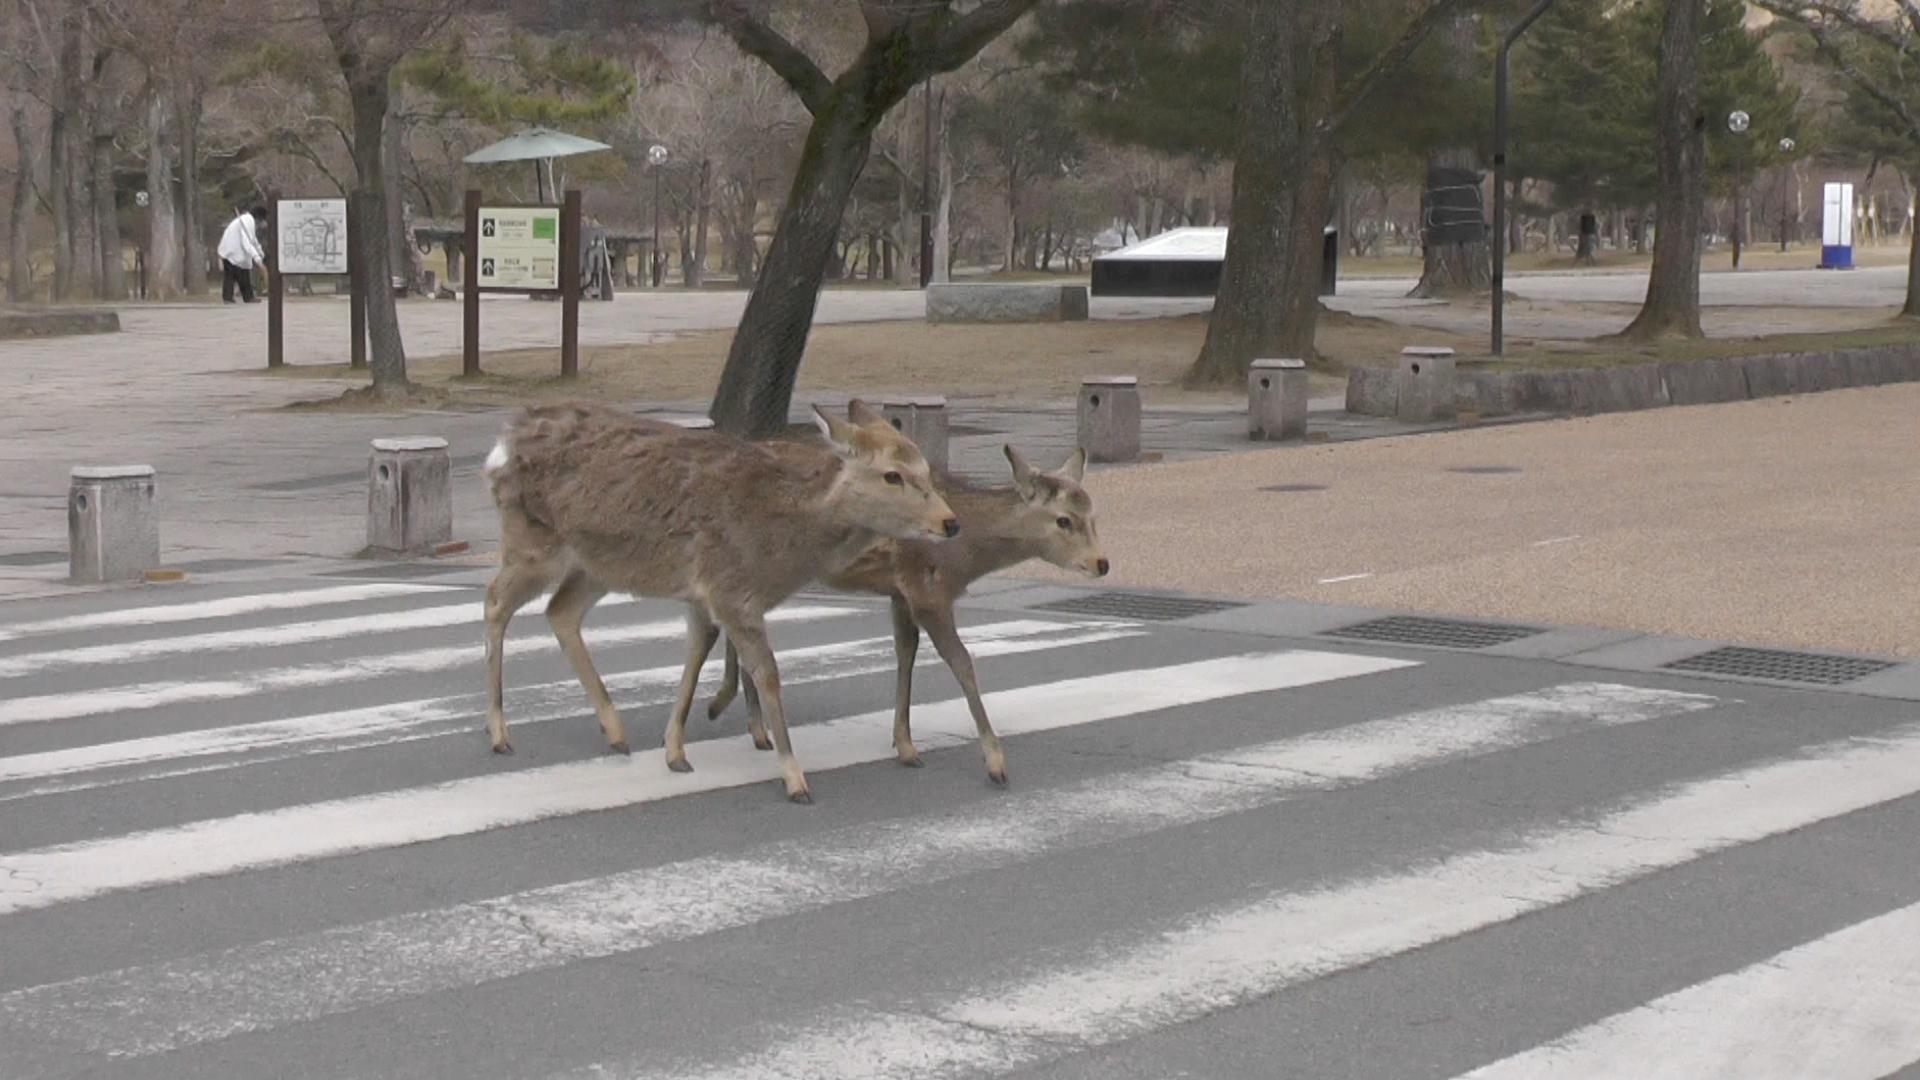 NW_Deer_in_Japan_are_30_07